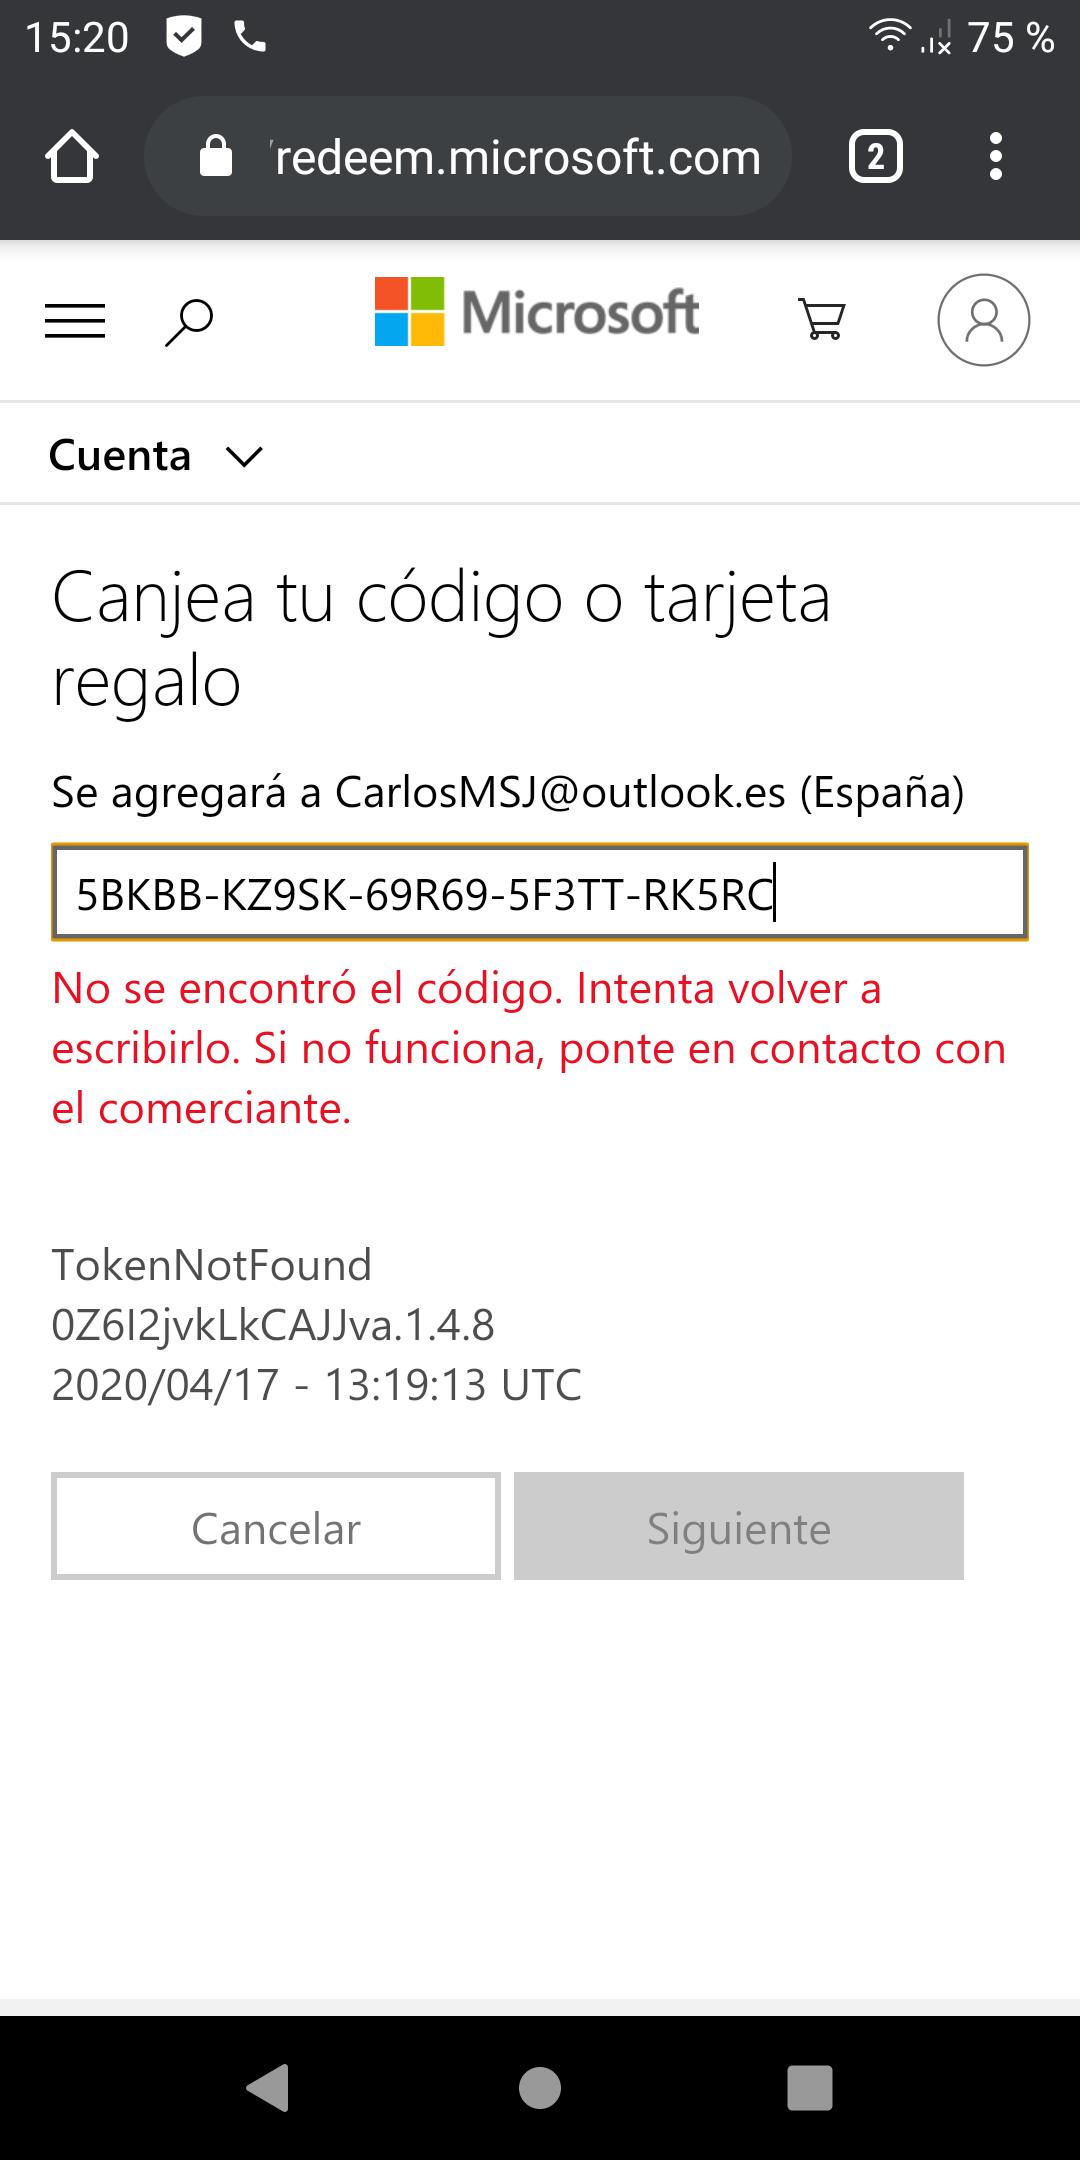 3096514-QbCrl.jpg